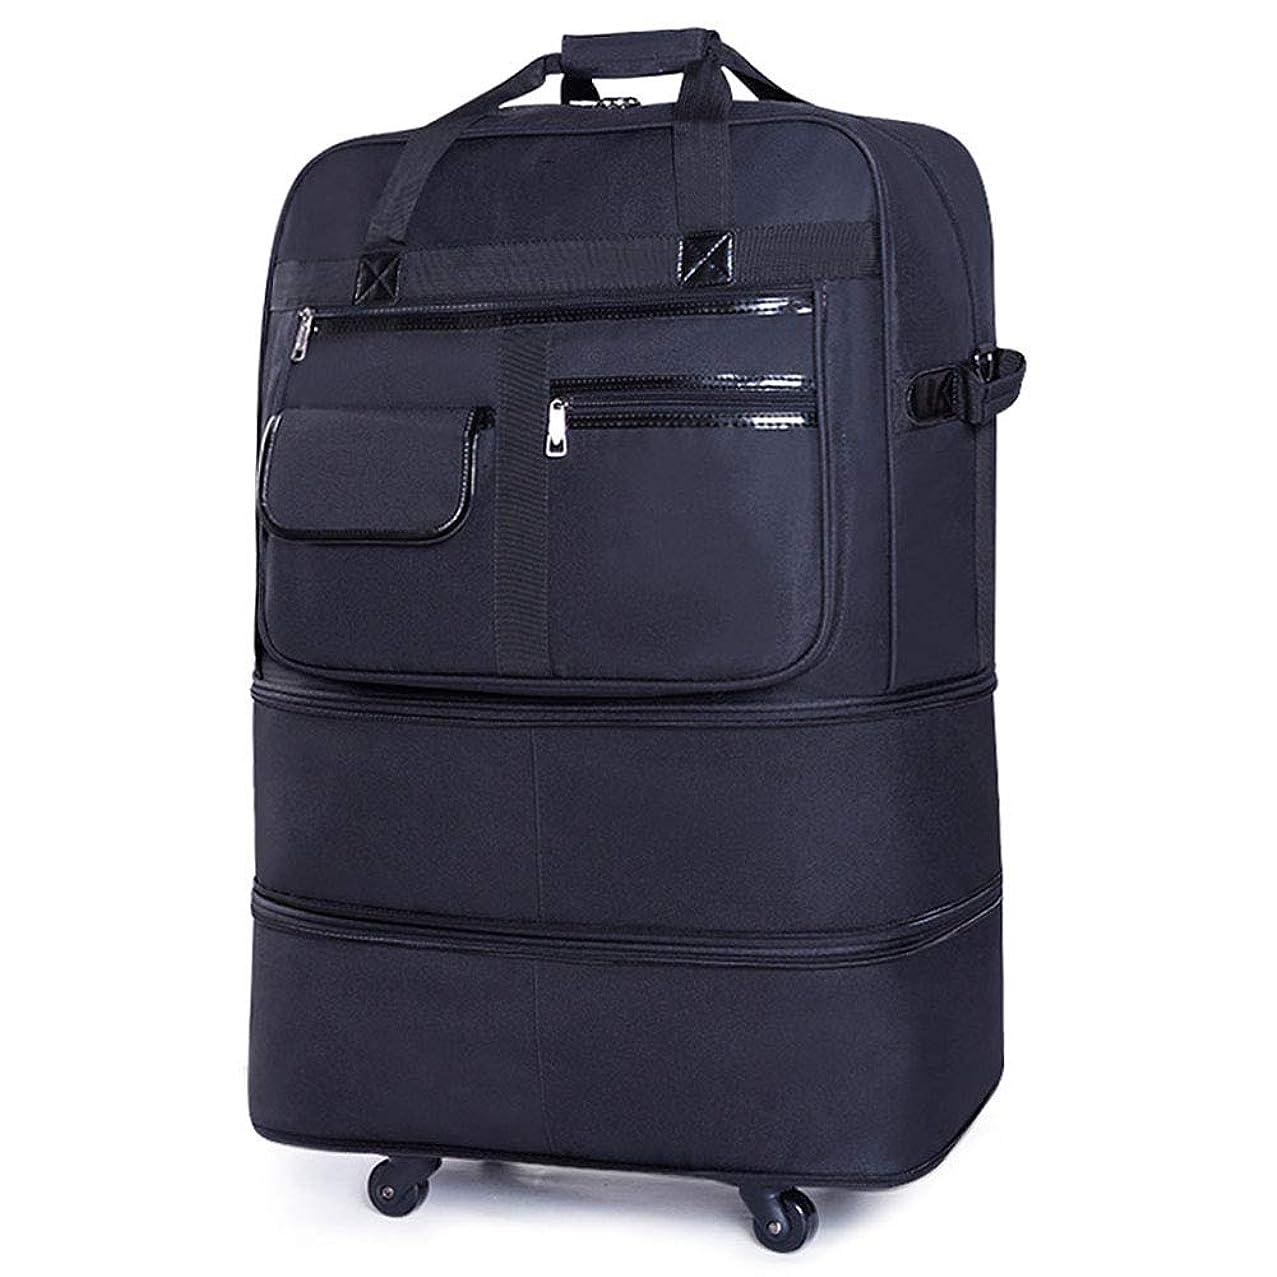 変数デモンストレーションレイMZTYX Us カジュアル 軽量 拡張可能 機内持ち込みバッグ 折りたたみ式 ユニバーサルホイール スーツケース 5 ホイール ローリング 旅行バッグ 防水 オックスフォード 布 荷物 男女兼用